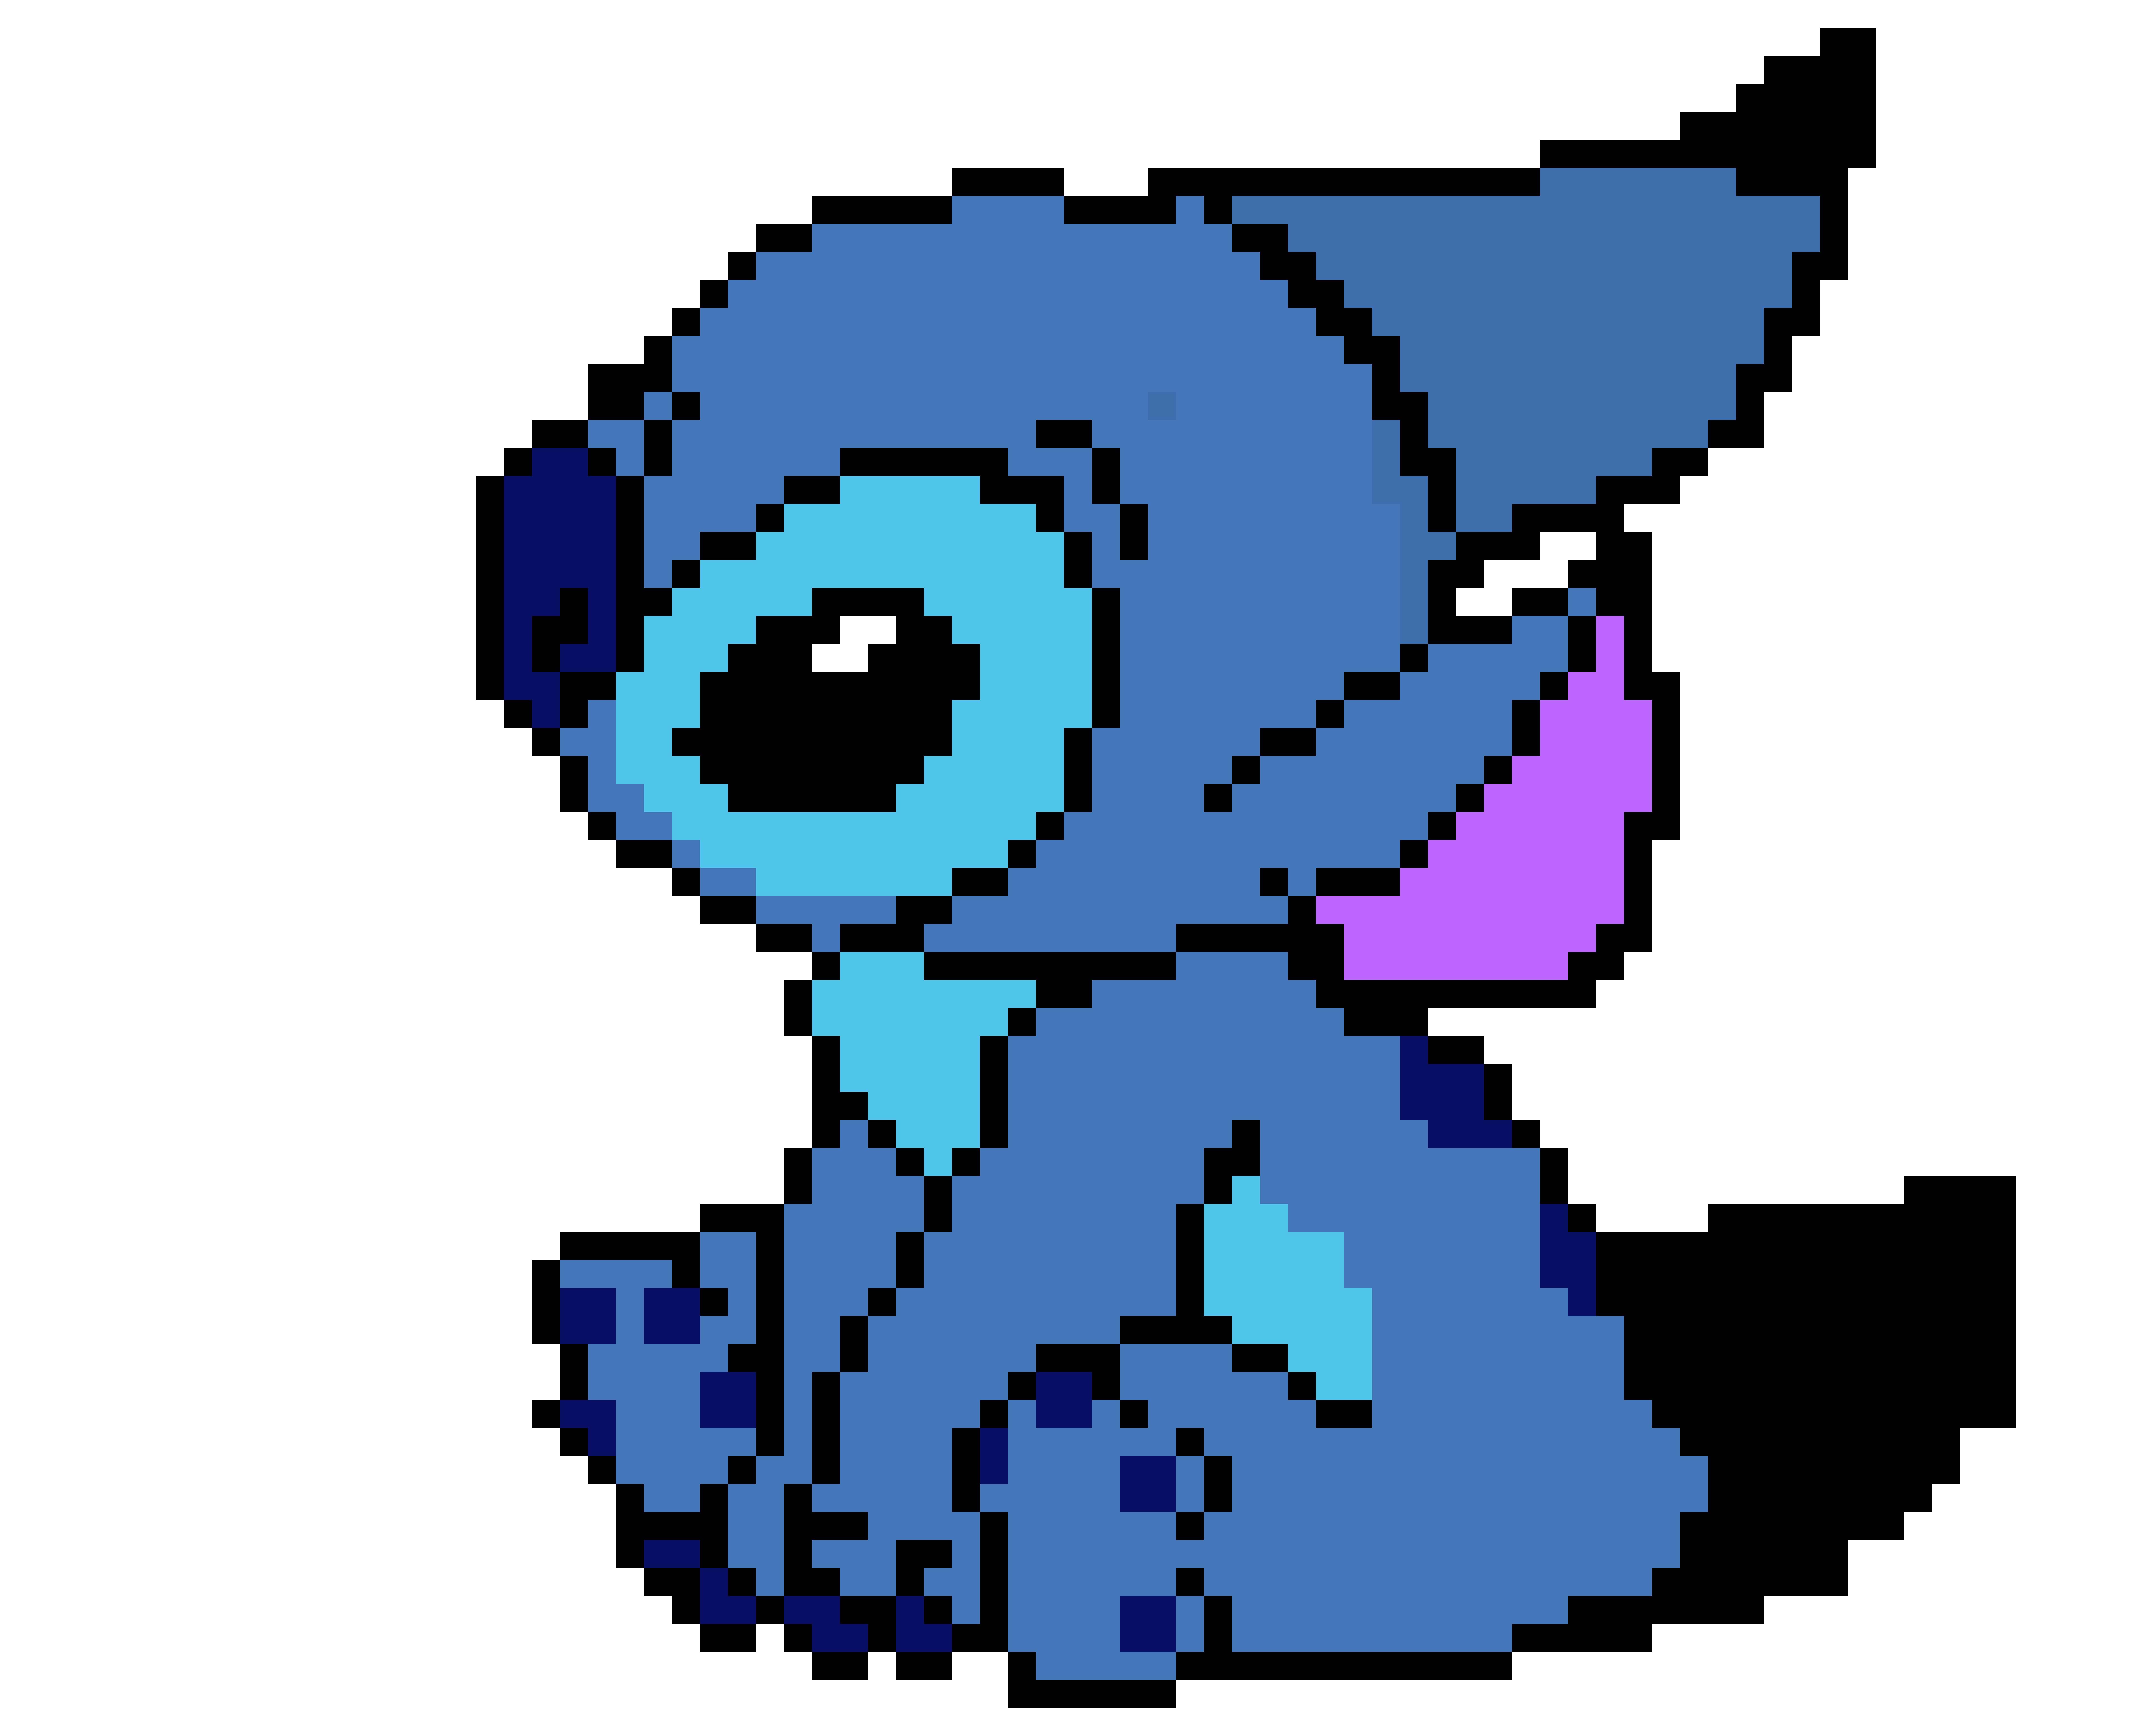 Stitch Pixel Art Maker